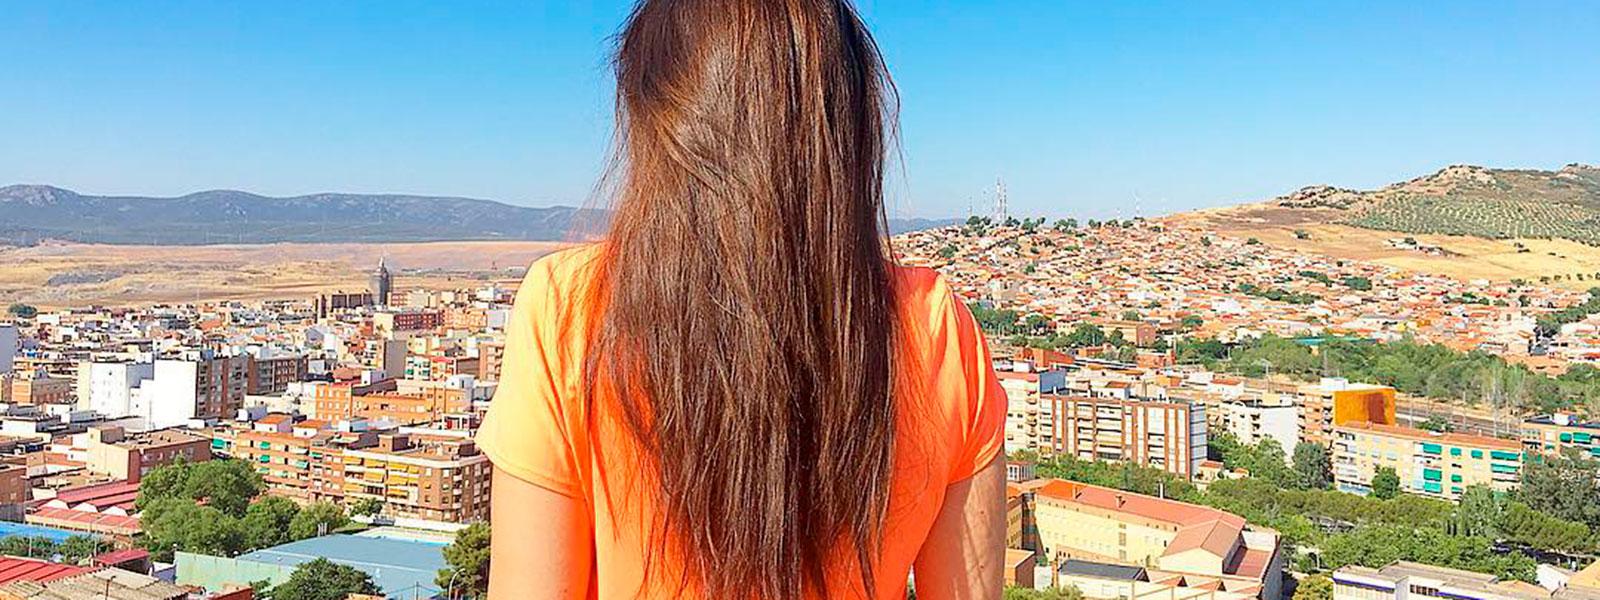 Fotografía concurso Instaweb-Alicia enla ciudad de las maravillas